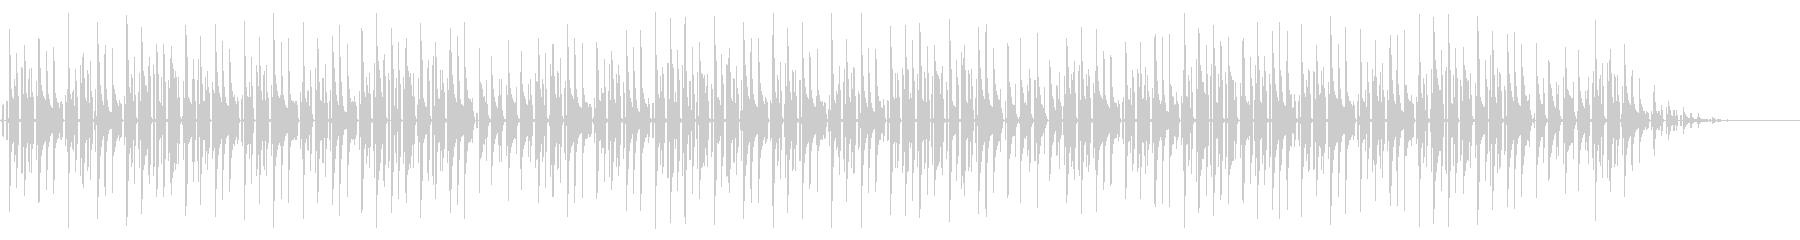 童謡「幸せなら手を叩こう」脱力系アレンジの未再生の波形